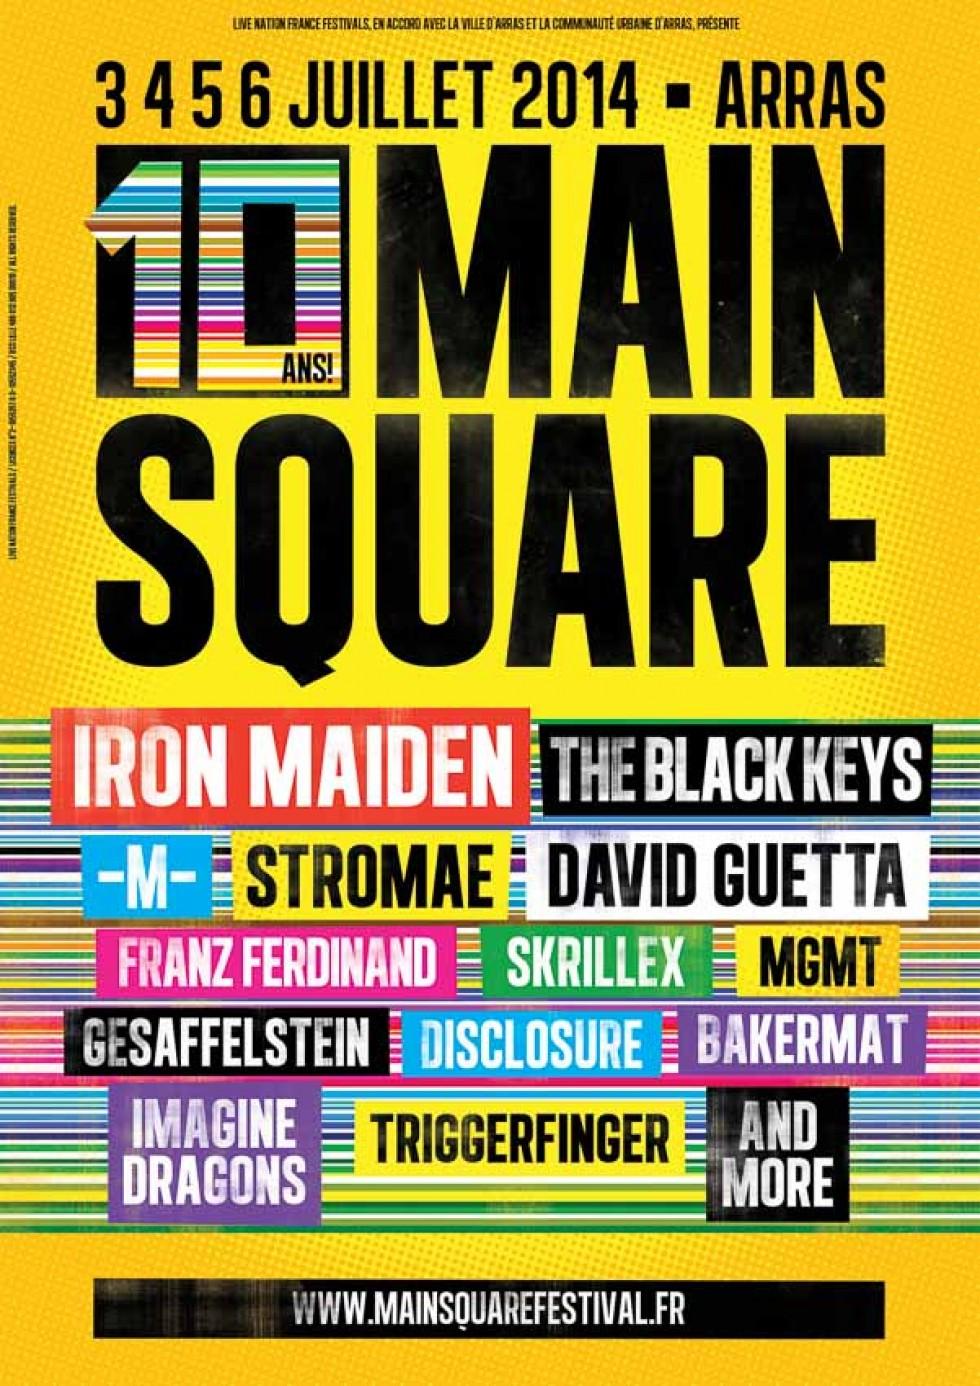 Le Main Square Festival fête ses 10 ans à Arras, sur 4 jours, avec Iron Maiden !